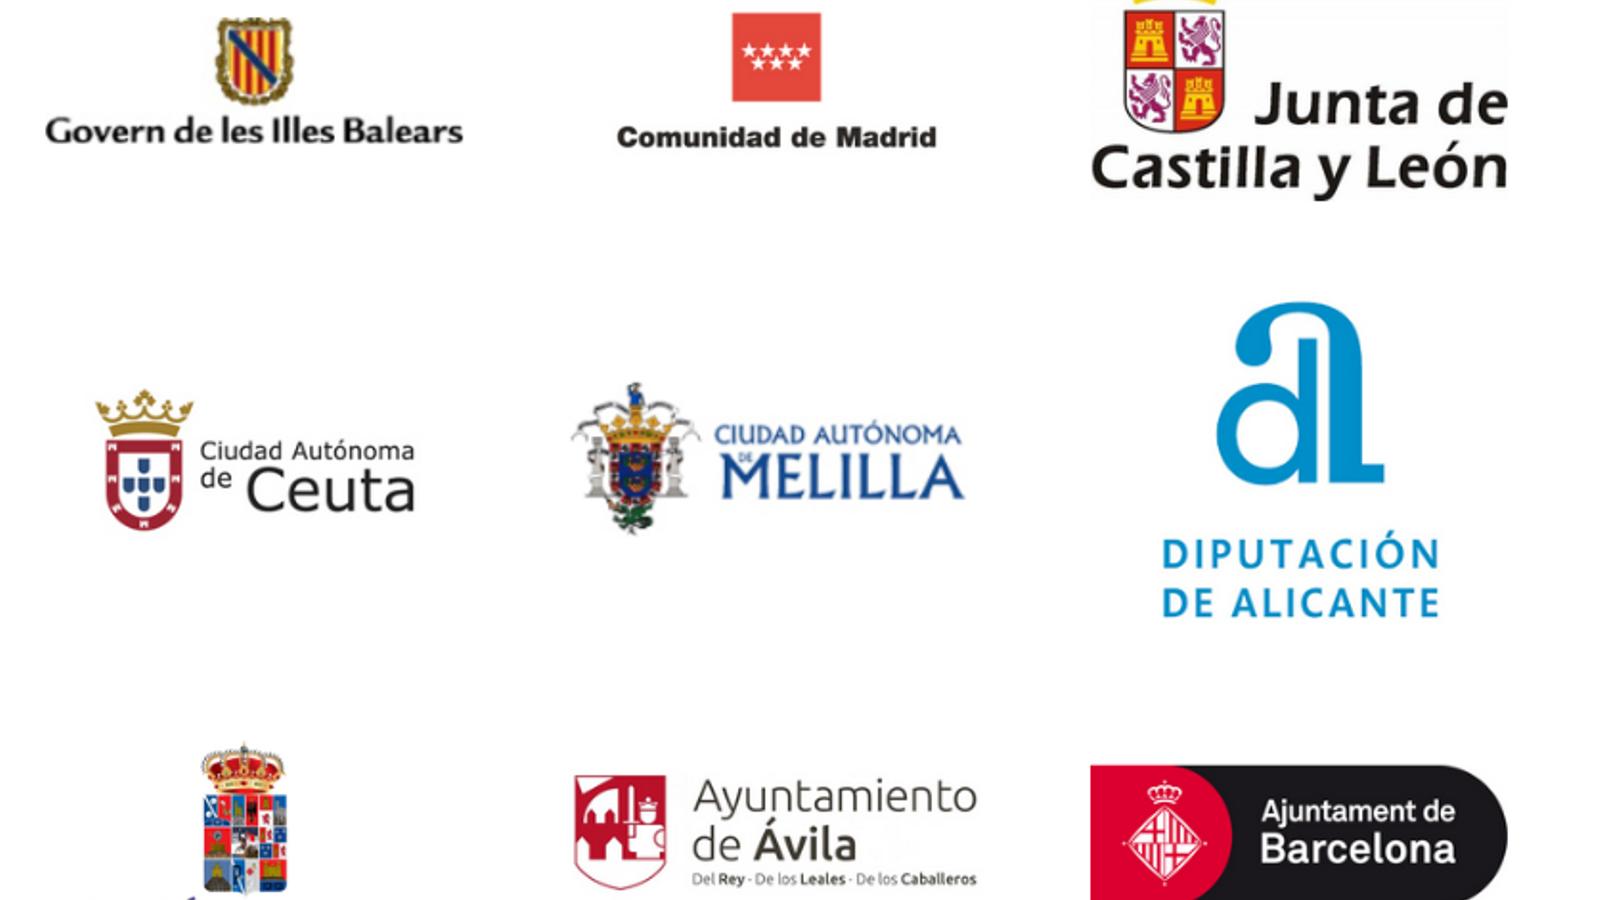 El logo de l'Ajuntament de Barcelona al web d'Espanya Global